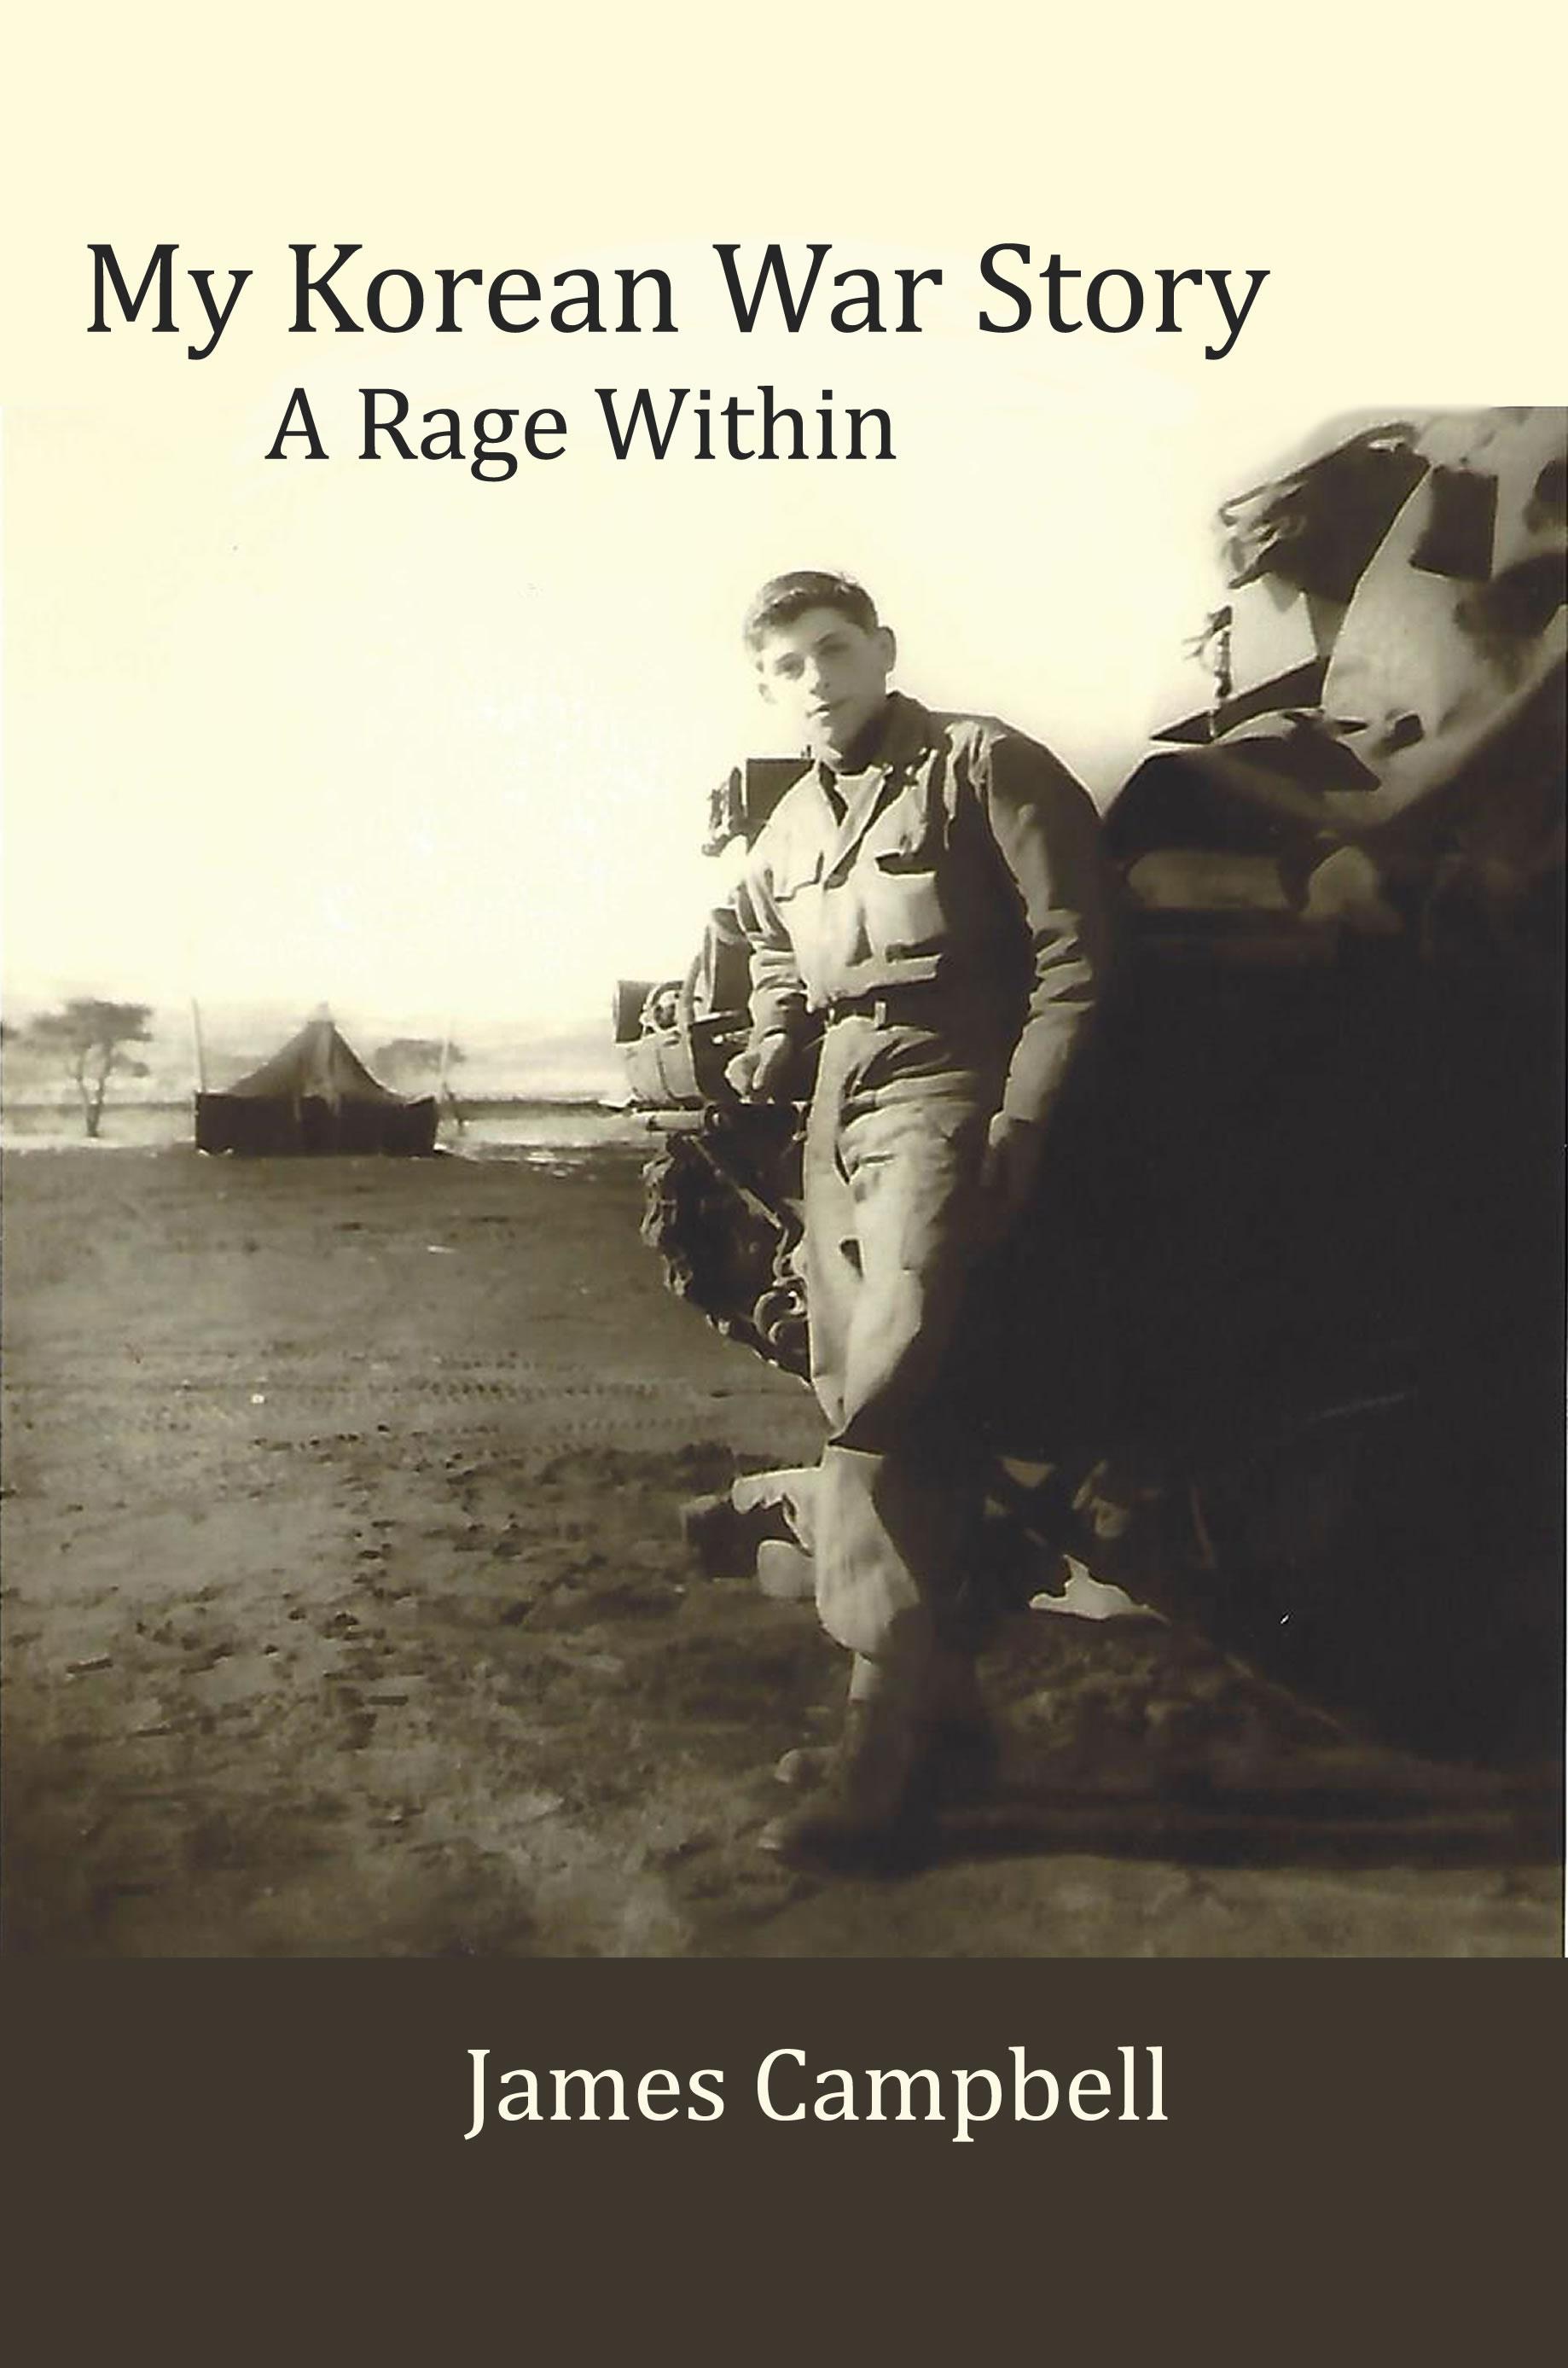 War and behavior nonfiction essay